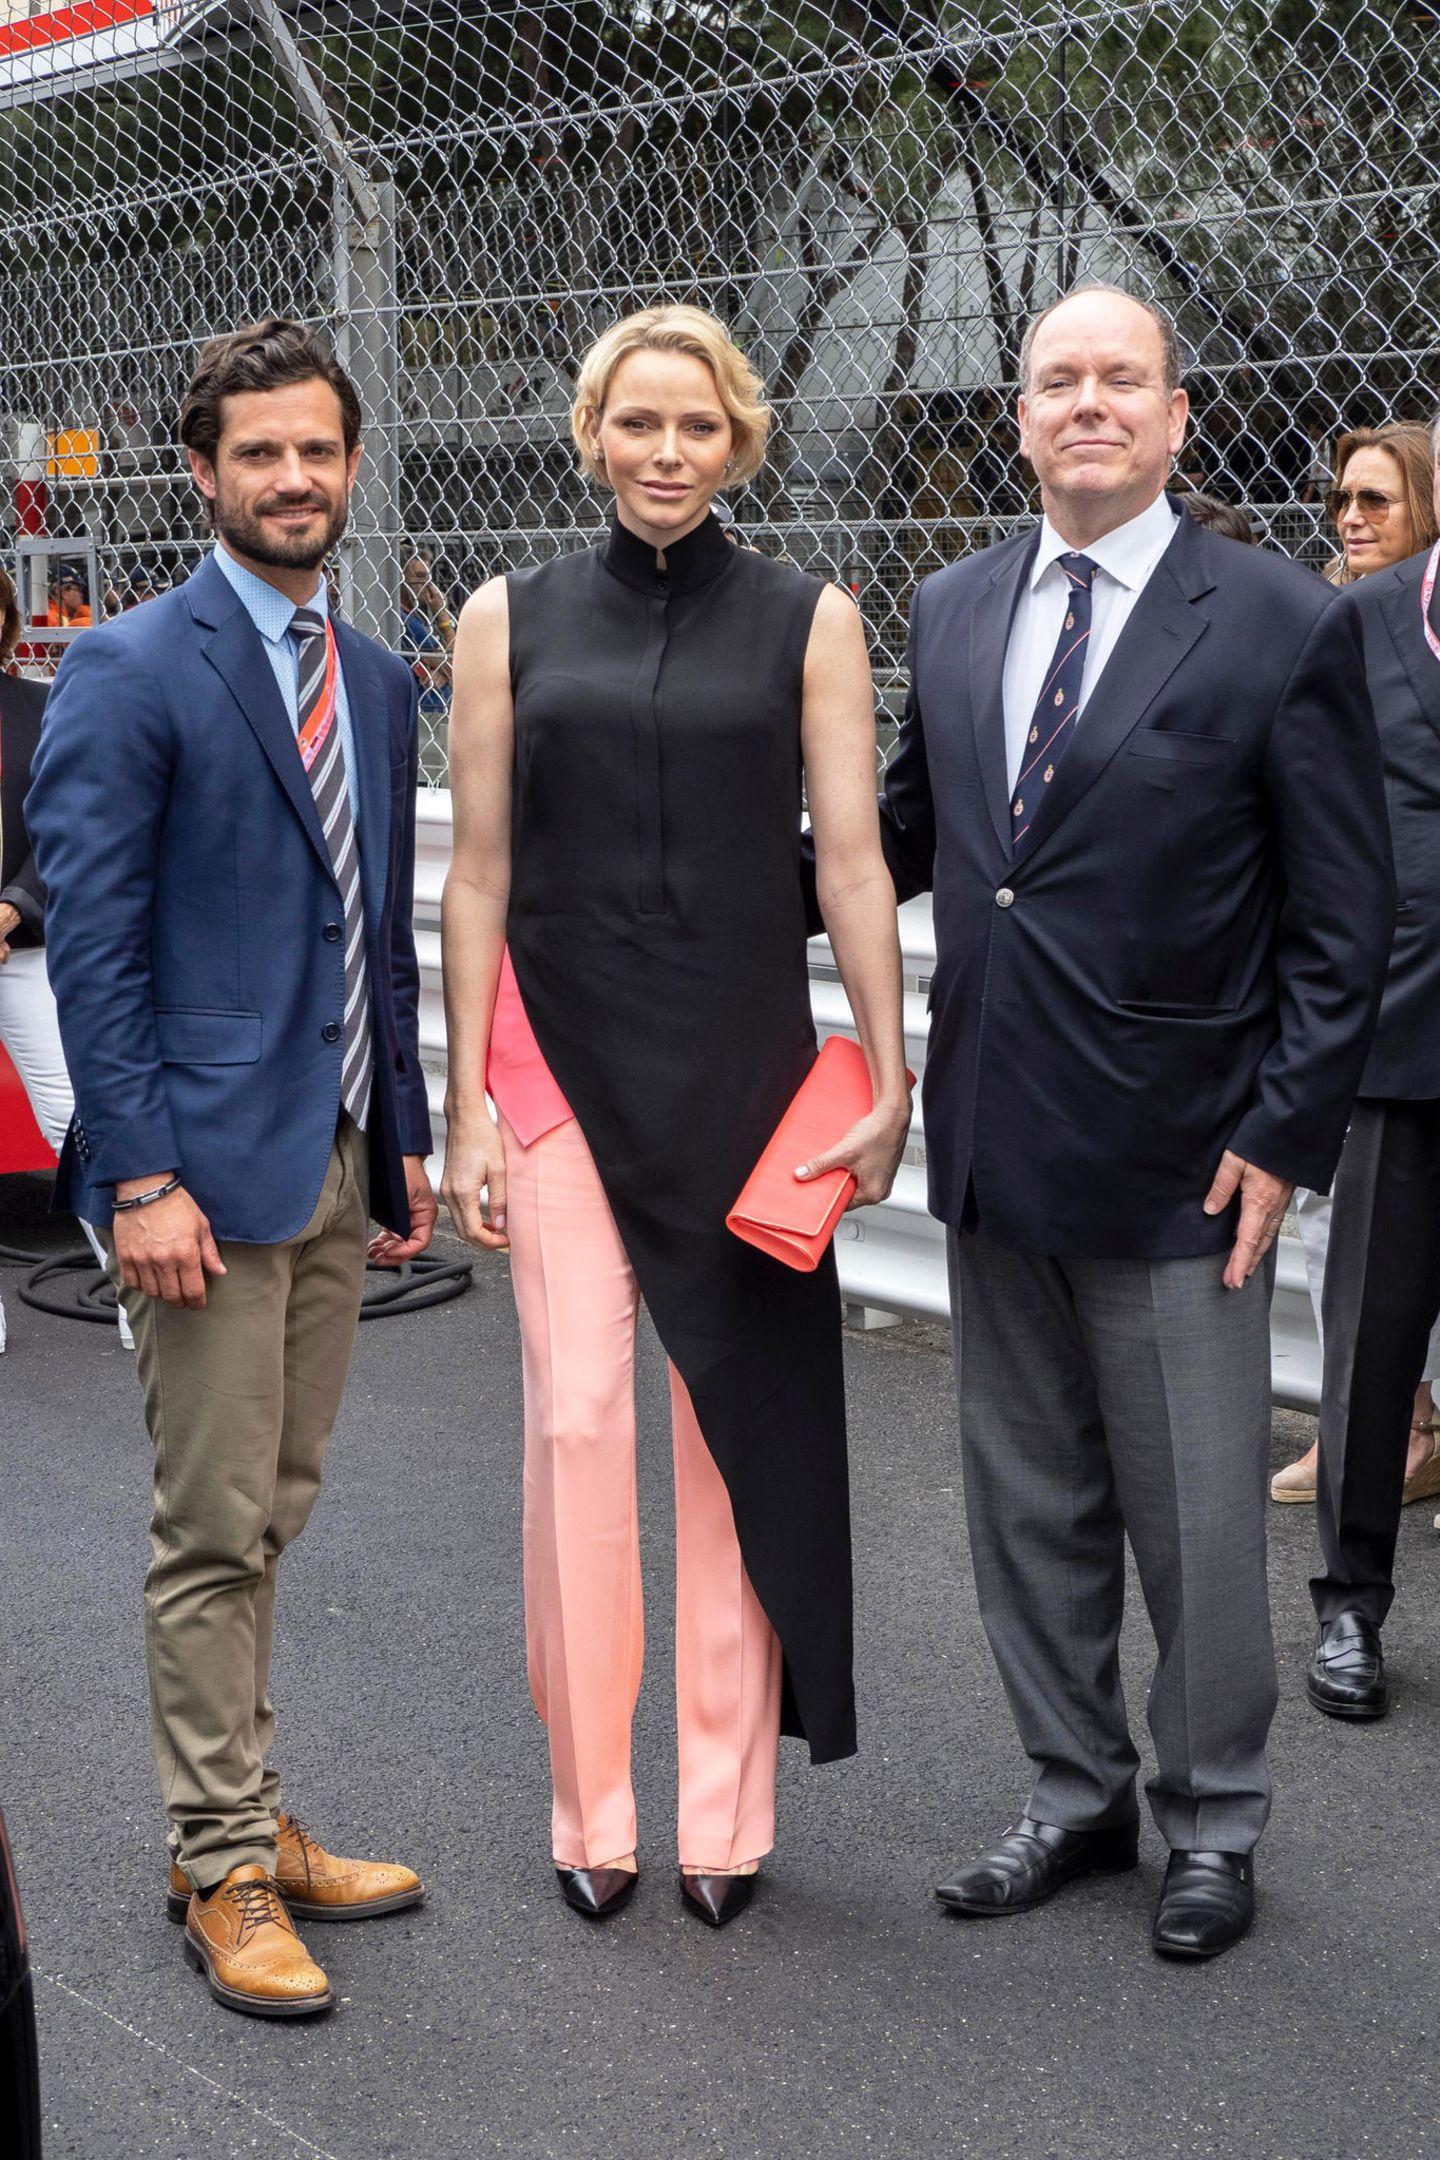 Bei der Siegerehrung beim großen Preis von Monaco greift Fürstin Charlène erneut zu Pinktönen und zum Label Akris. Die Fürstin trägt einen Look direkt vom Laufsteg. Zu einer pinkfarbenen Hose kombiniert sie ein Top in einem leicht dunkleren Pinkton und ein schwarzes, asymmetrisches Top.